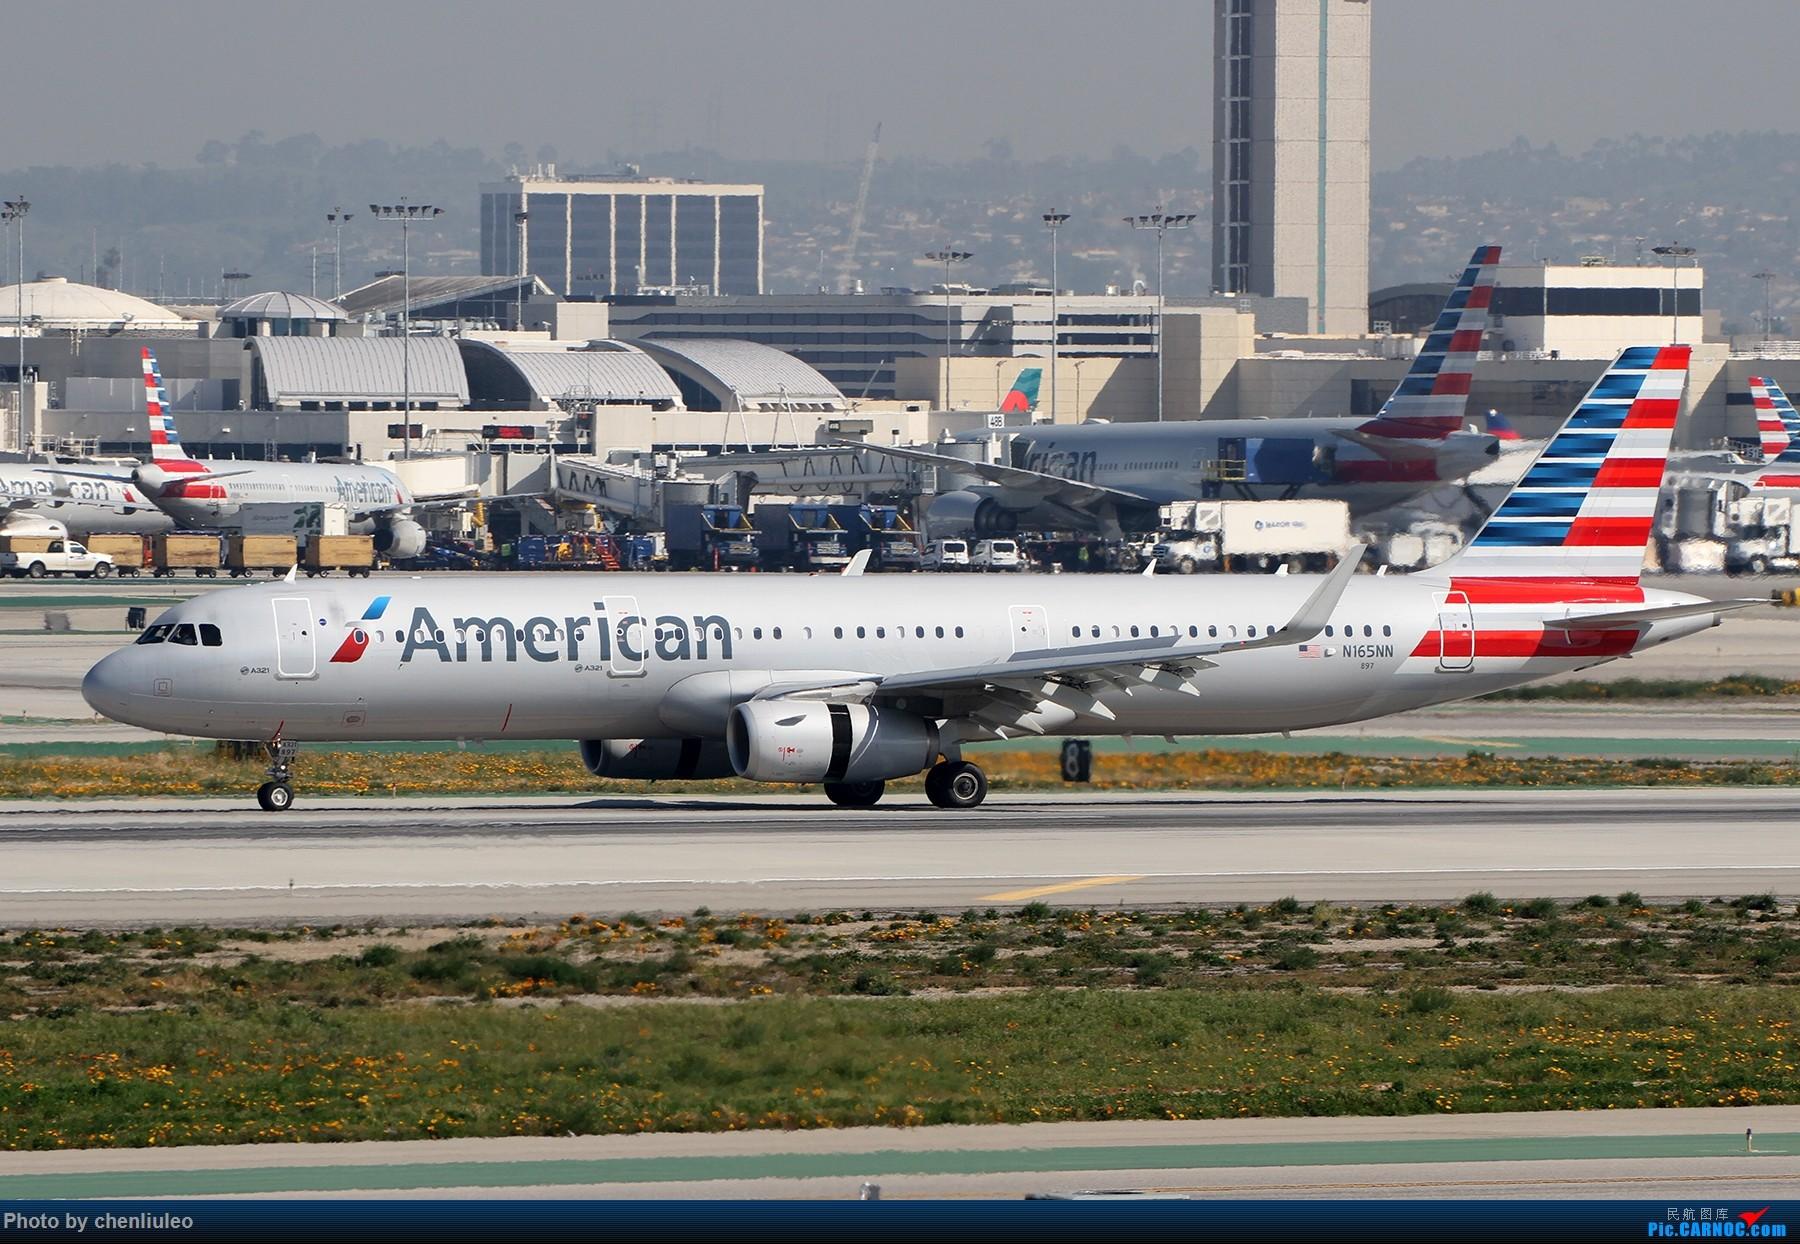 Re:[原创]【北美飞友会】全日空星球大战BB-8黄昏中降落LAX 以及一些杂图 AIRBUS A321-200 N165NN 美国洛杉矶机场